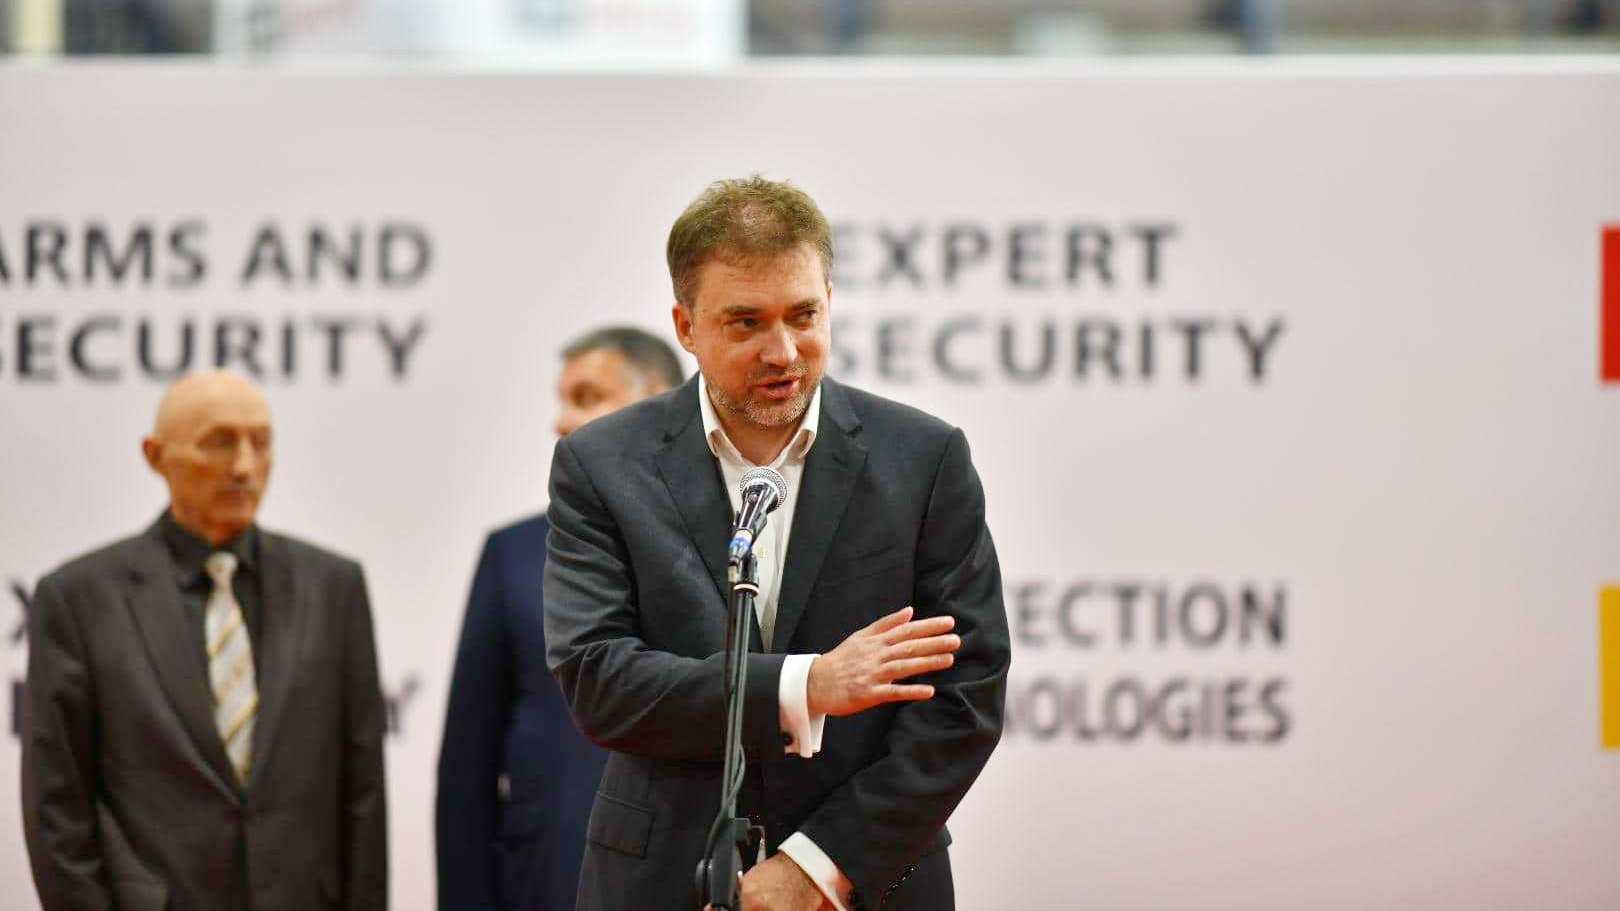 Андрій Загороднюк назвав інформацію про зменшення бюджету на оборону такою, що не відповідає дійсності